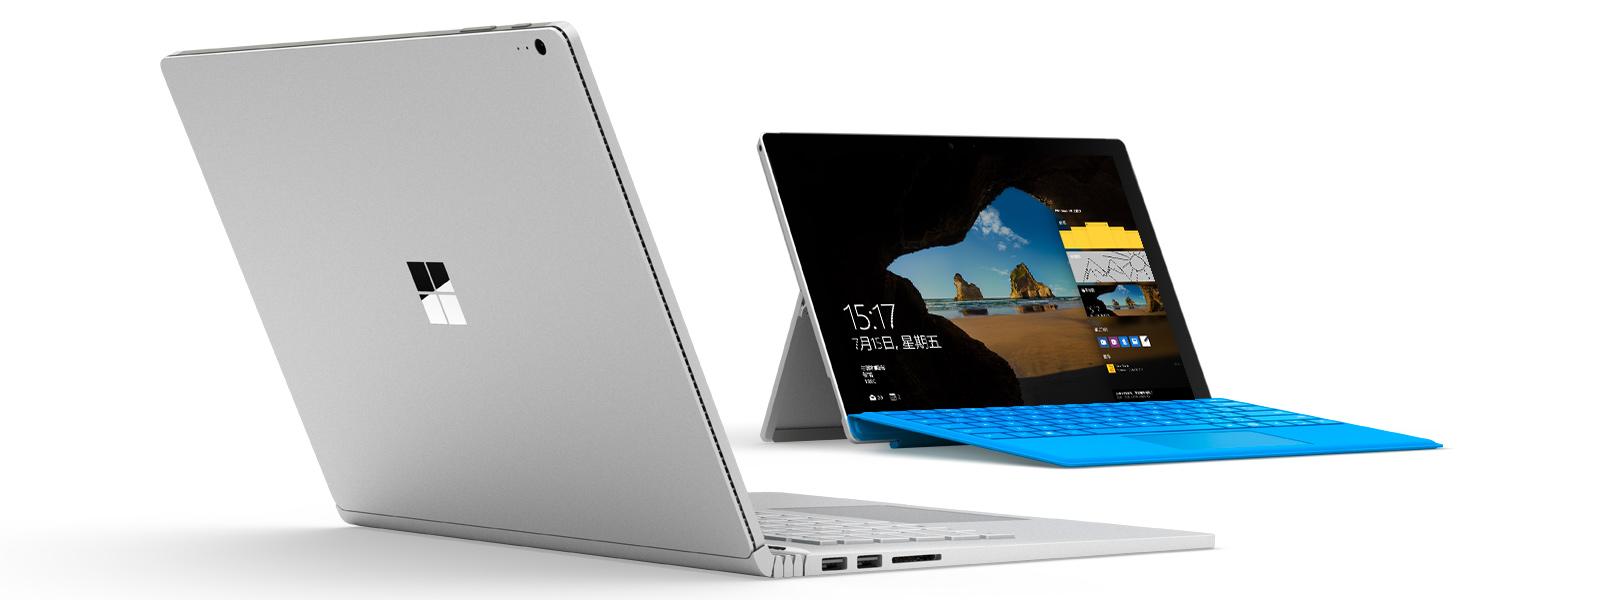 """呈现 Windows""""开始""""屏幕的 Surface Book 和 Surface Pro 4"""